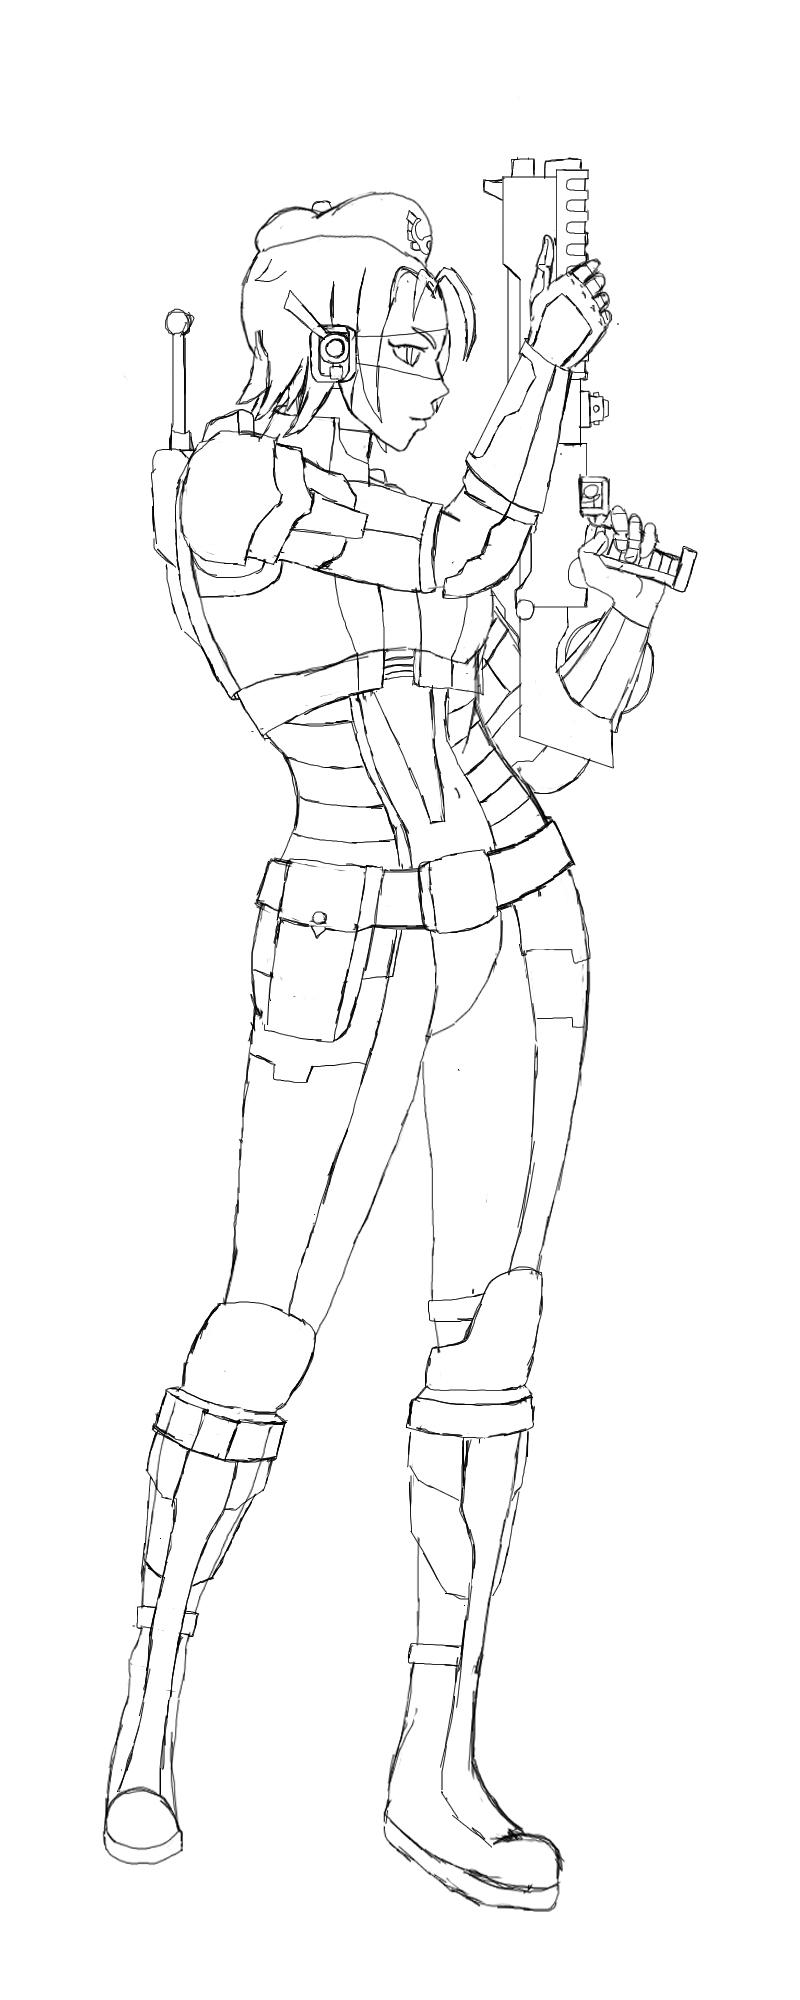 1st Luitenant Marie - combat gear by BeigePaladin